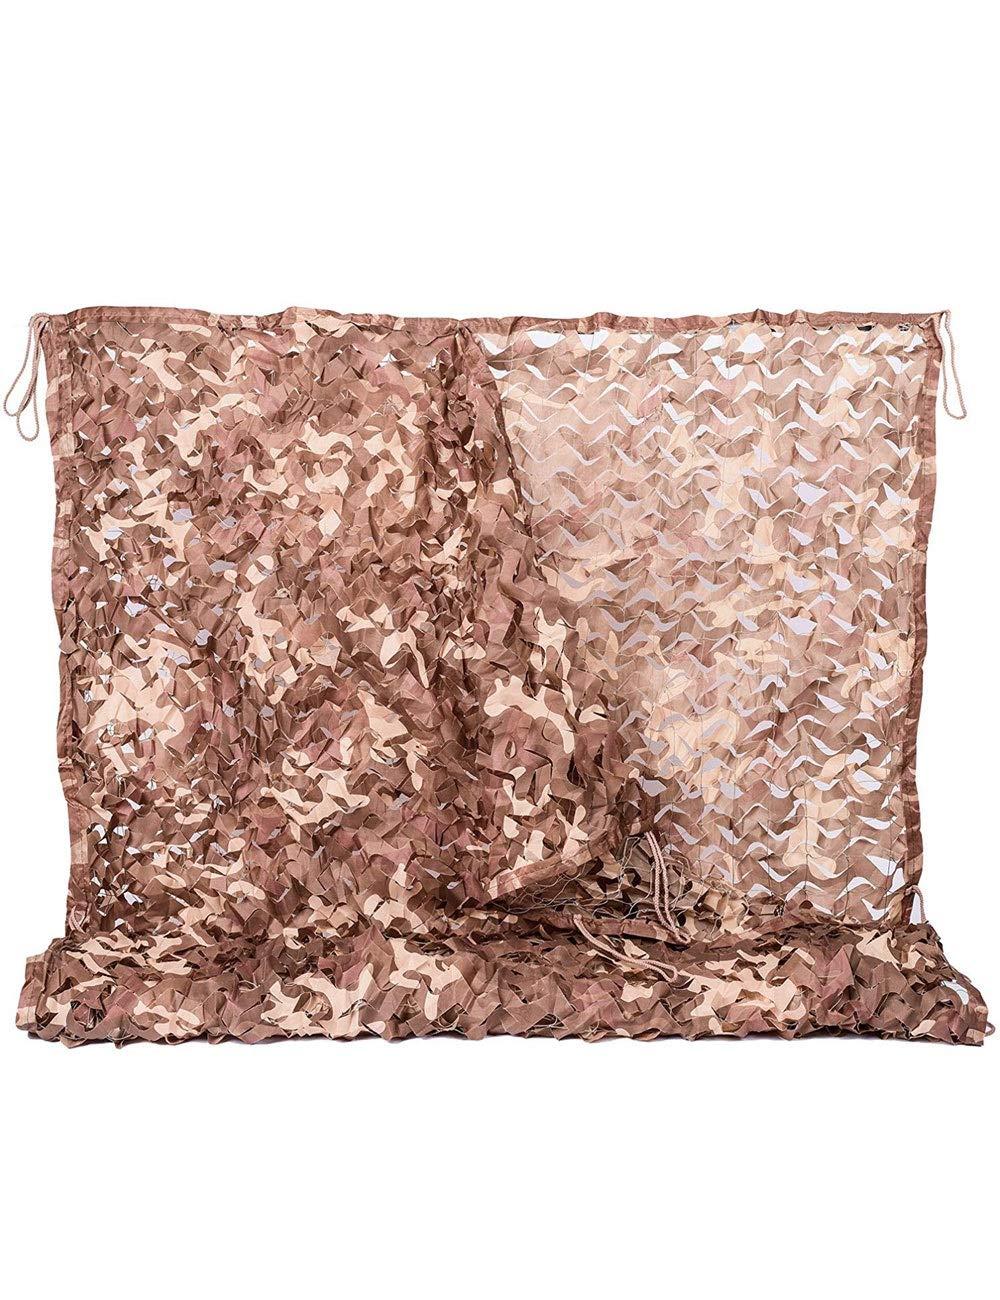 Sibao Esercito Camouflage Camouflage Camouflage Net Desert Camping Militare Caccia Tiro Camouflage Net Camping Outdoor Sun Theme Decorazione del Partito (Dimensioni   6m×8m) B07MXLRW77 6m×8m | Prima qualità  | Re della quantità  | Meraviglioso  | vendita di liquidazio 83c237